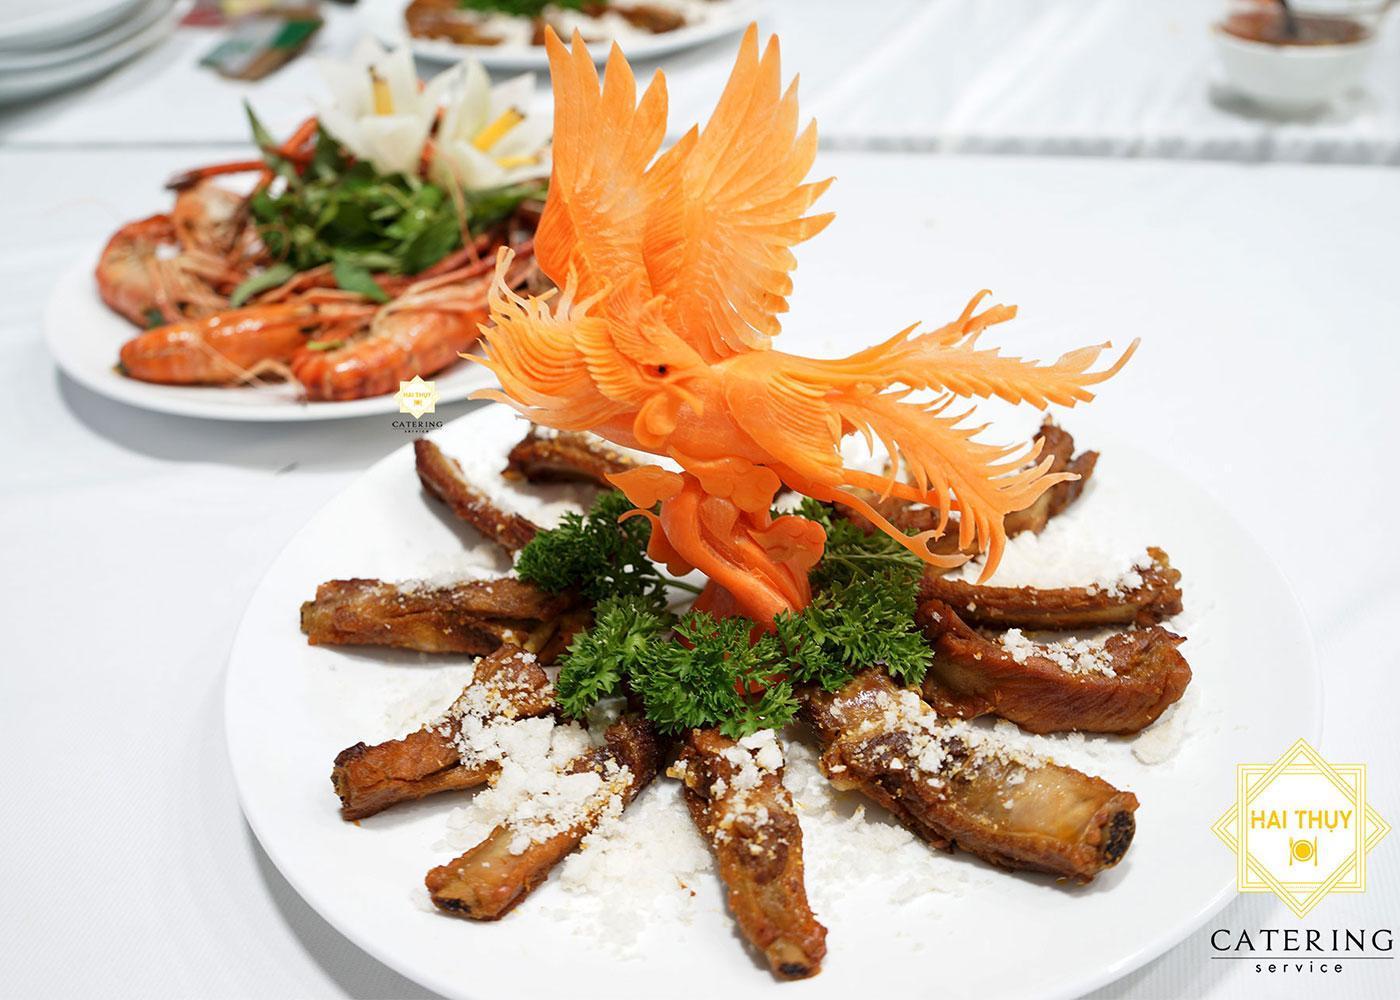 Tổ chức tiệc tân gia nhà anh Tiến,Quận Bình Chánh - Hai Thụy Catering